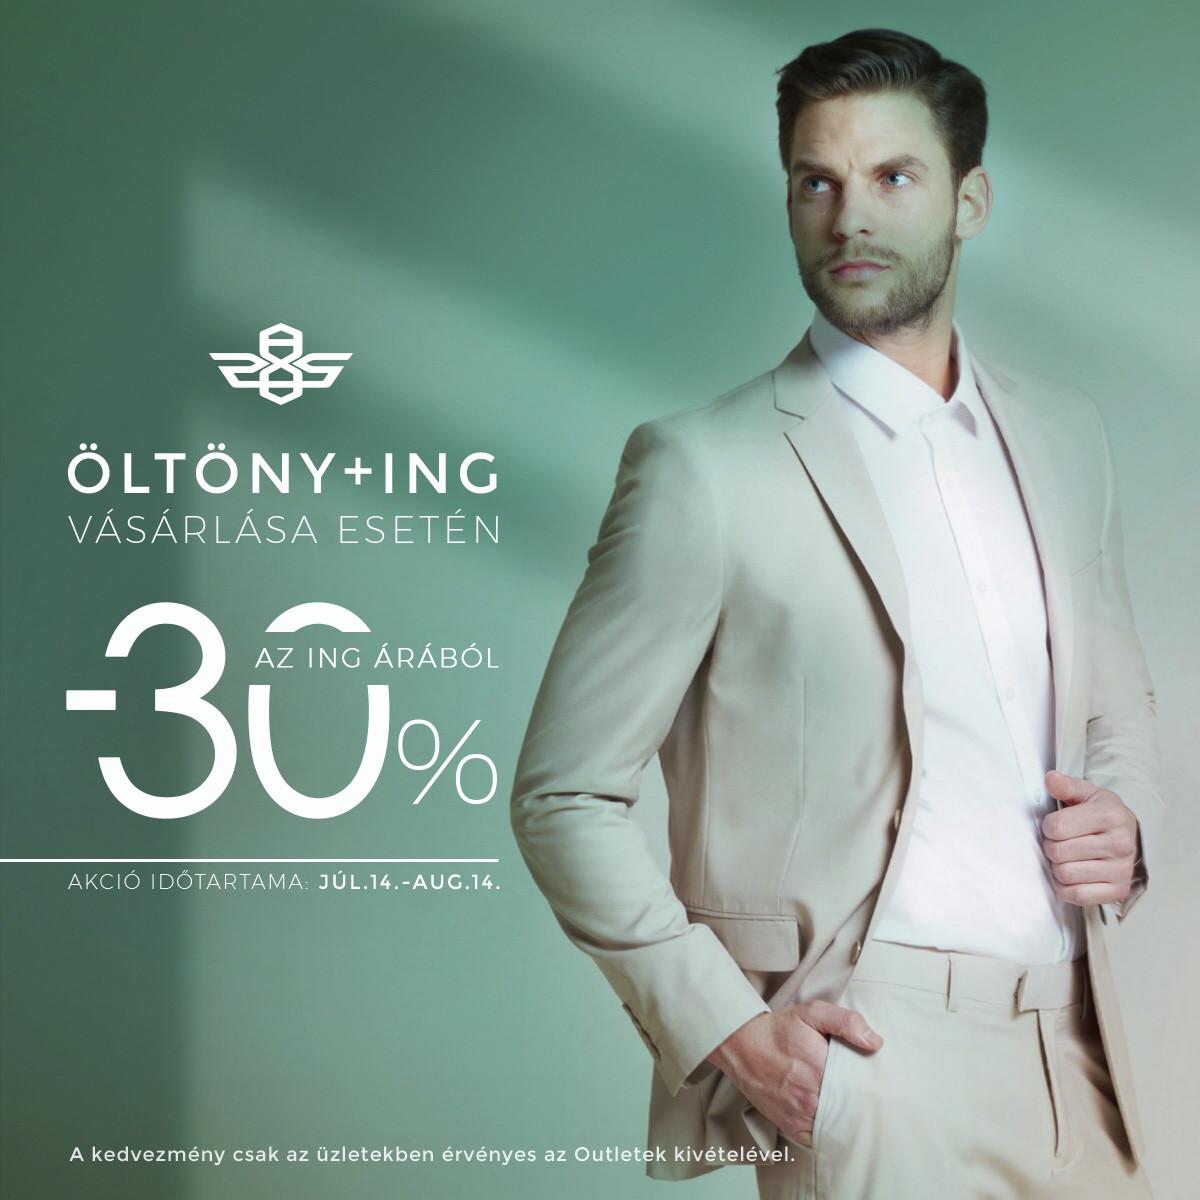 Öltöny+ing vásárlása esetén -30% az ing árából!